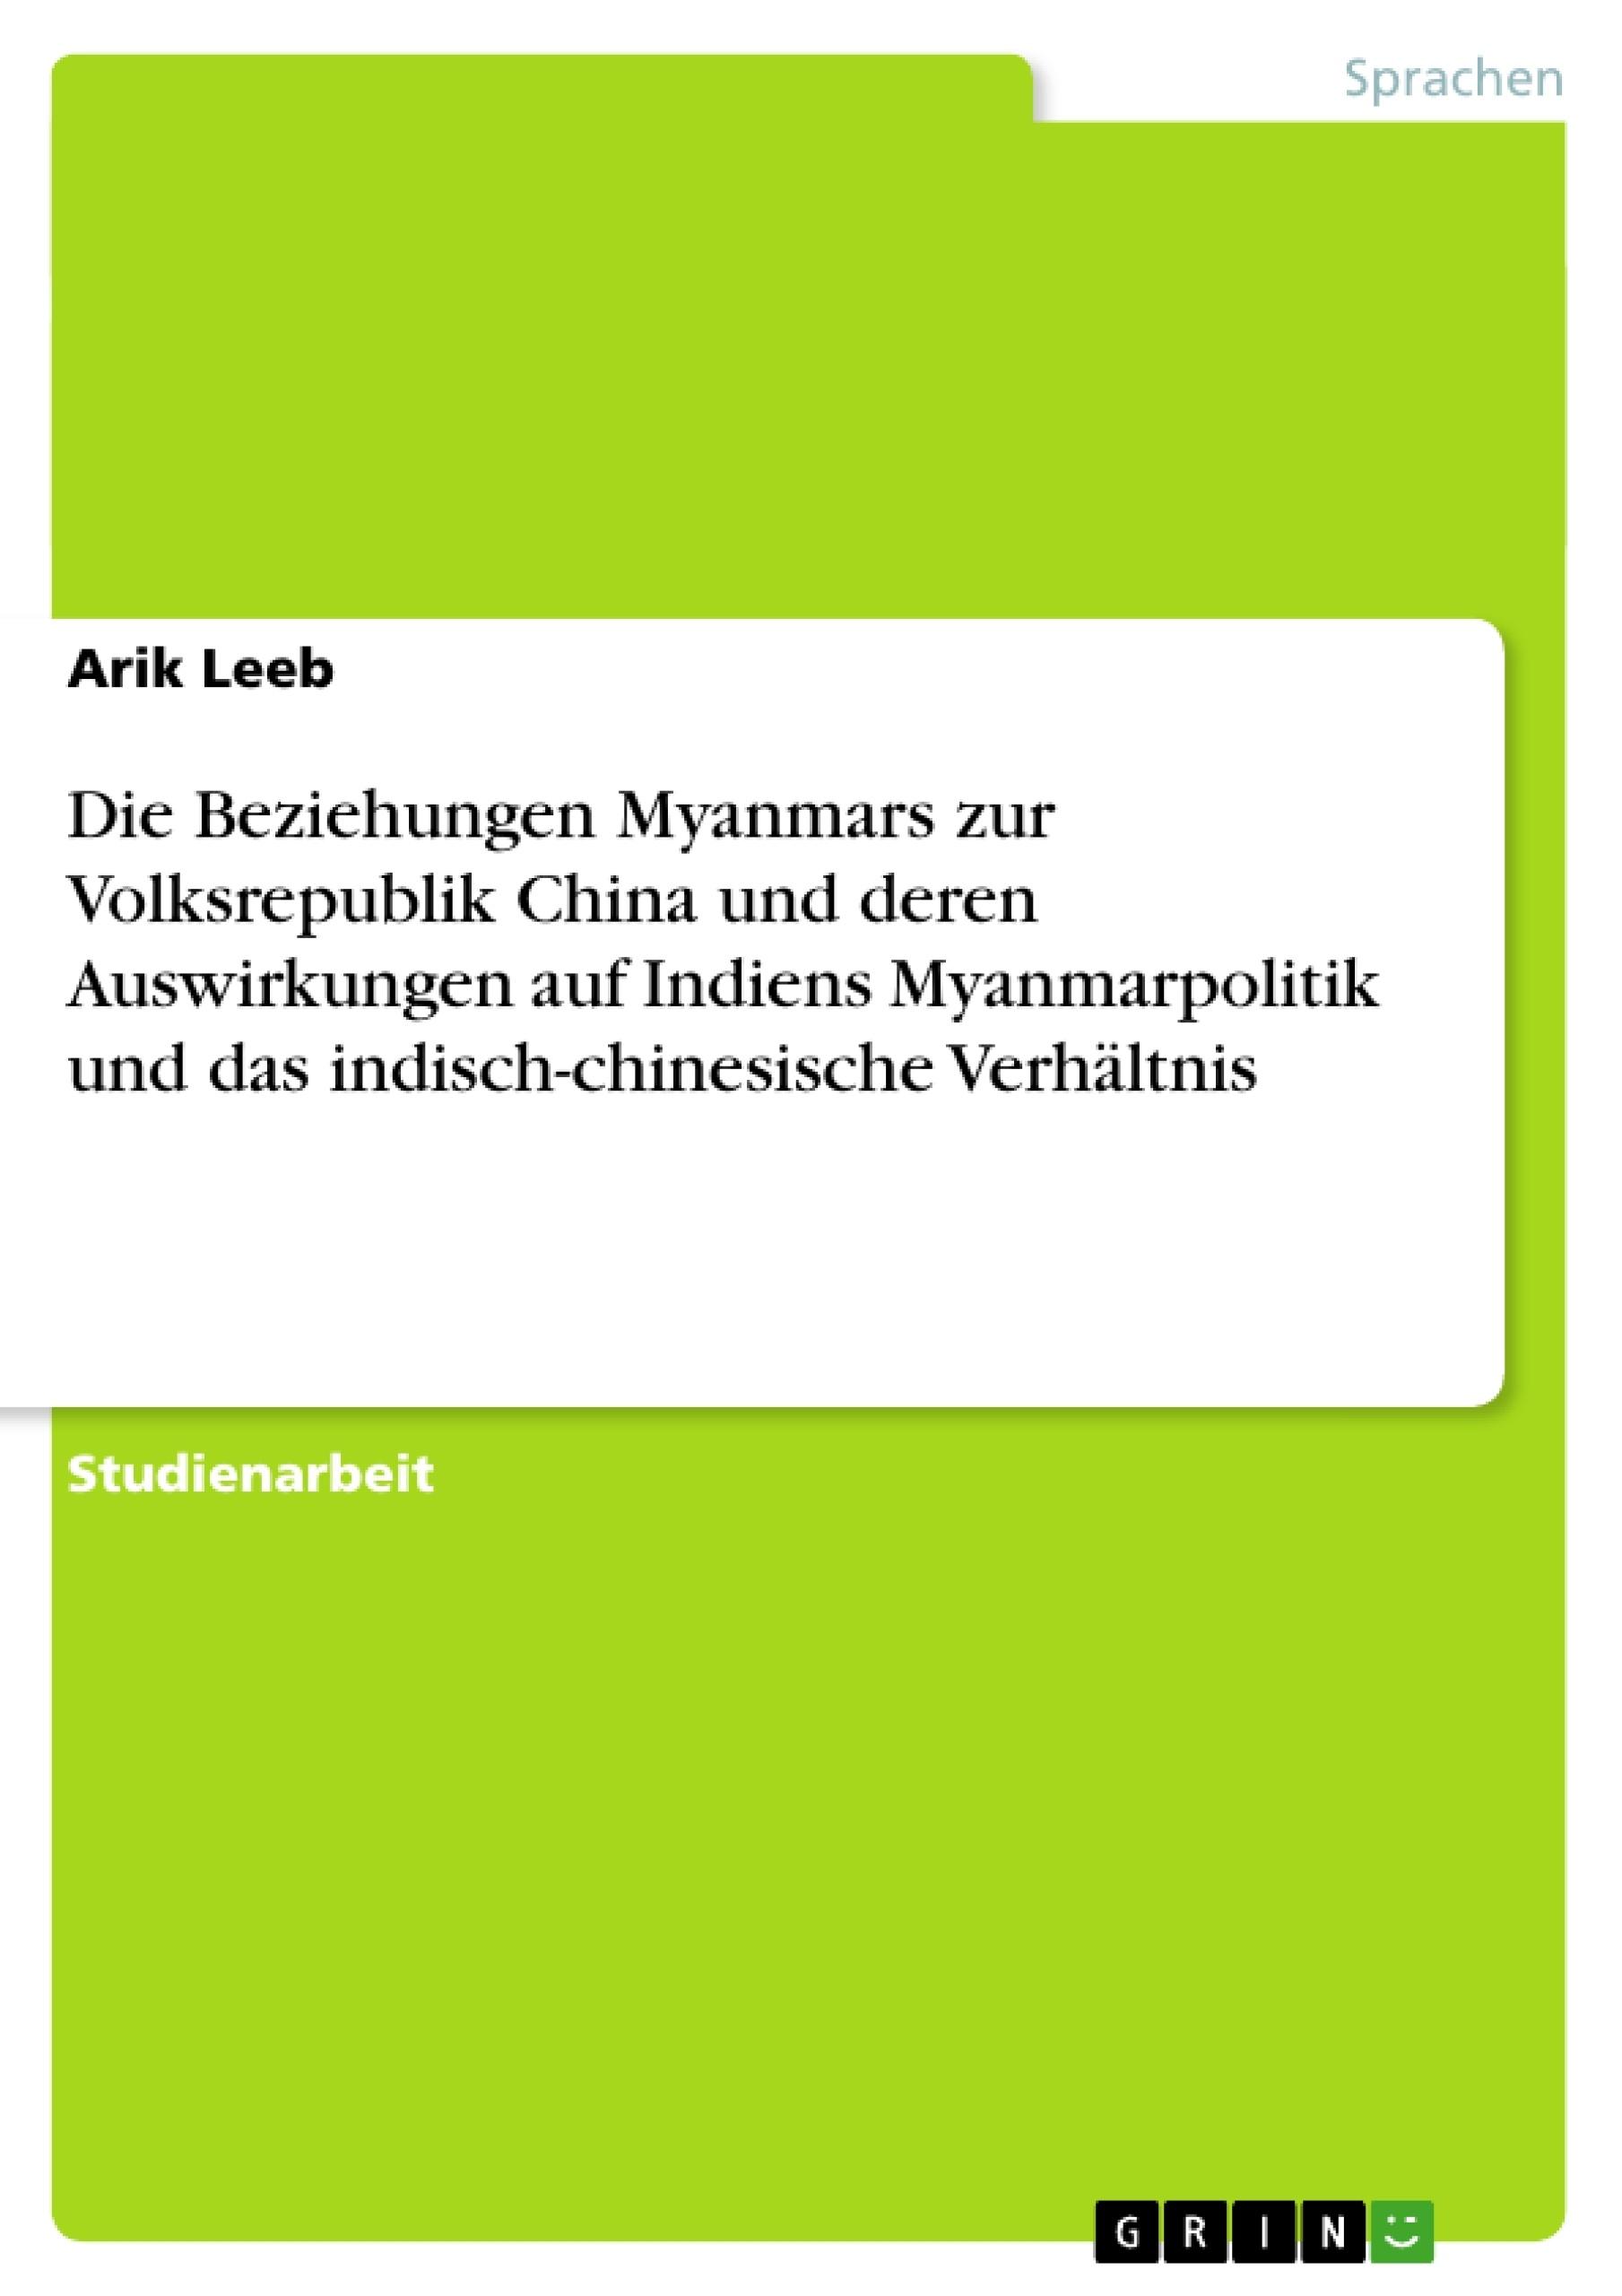 Titel: Die Beziehungen Myanmars zur Volksrepublik China und deren Auswirkungen auf Indiens Myanmarpolitik und das indisch-chinesische Verhältnis